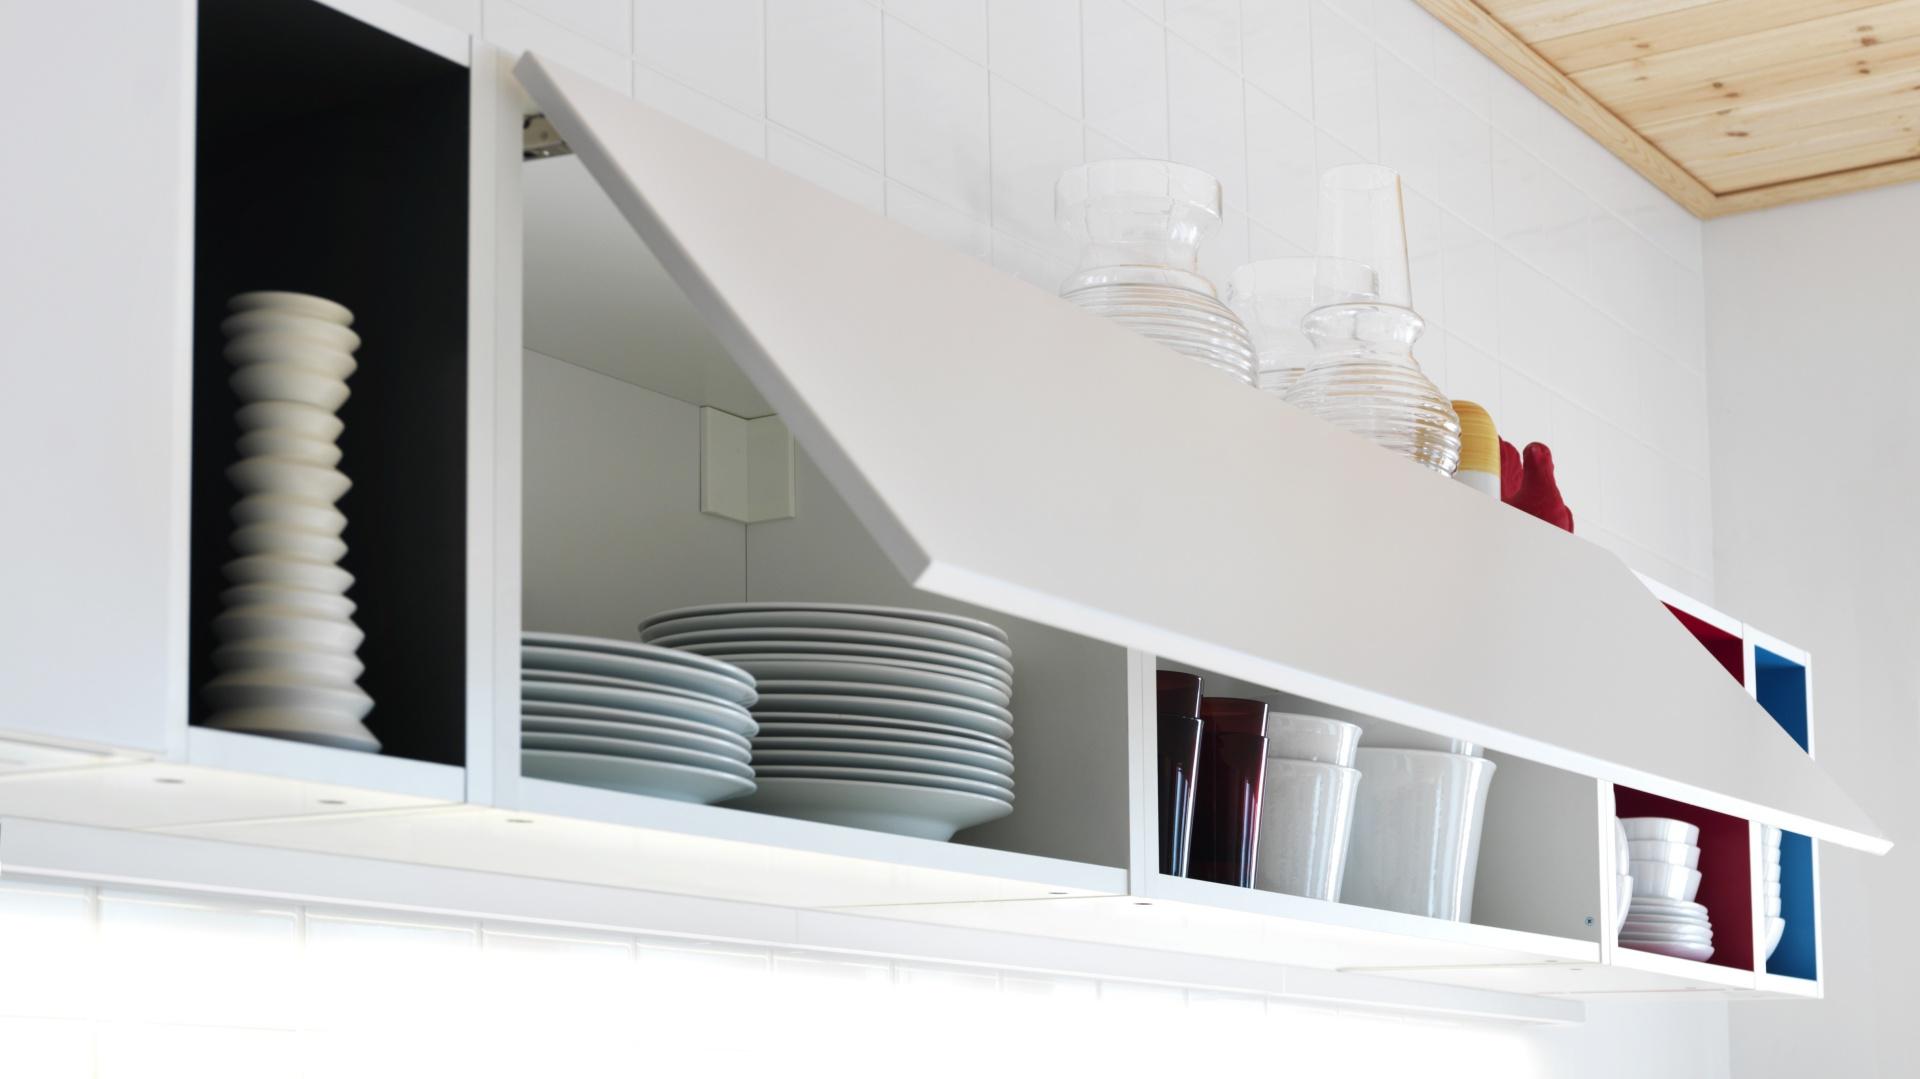 Szafki górne nie mają uchwytów. Otwierane są przez delikatne naciśnięcie fontu. Fot. IKEA.